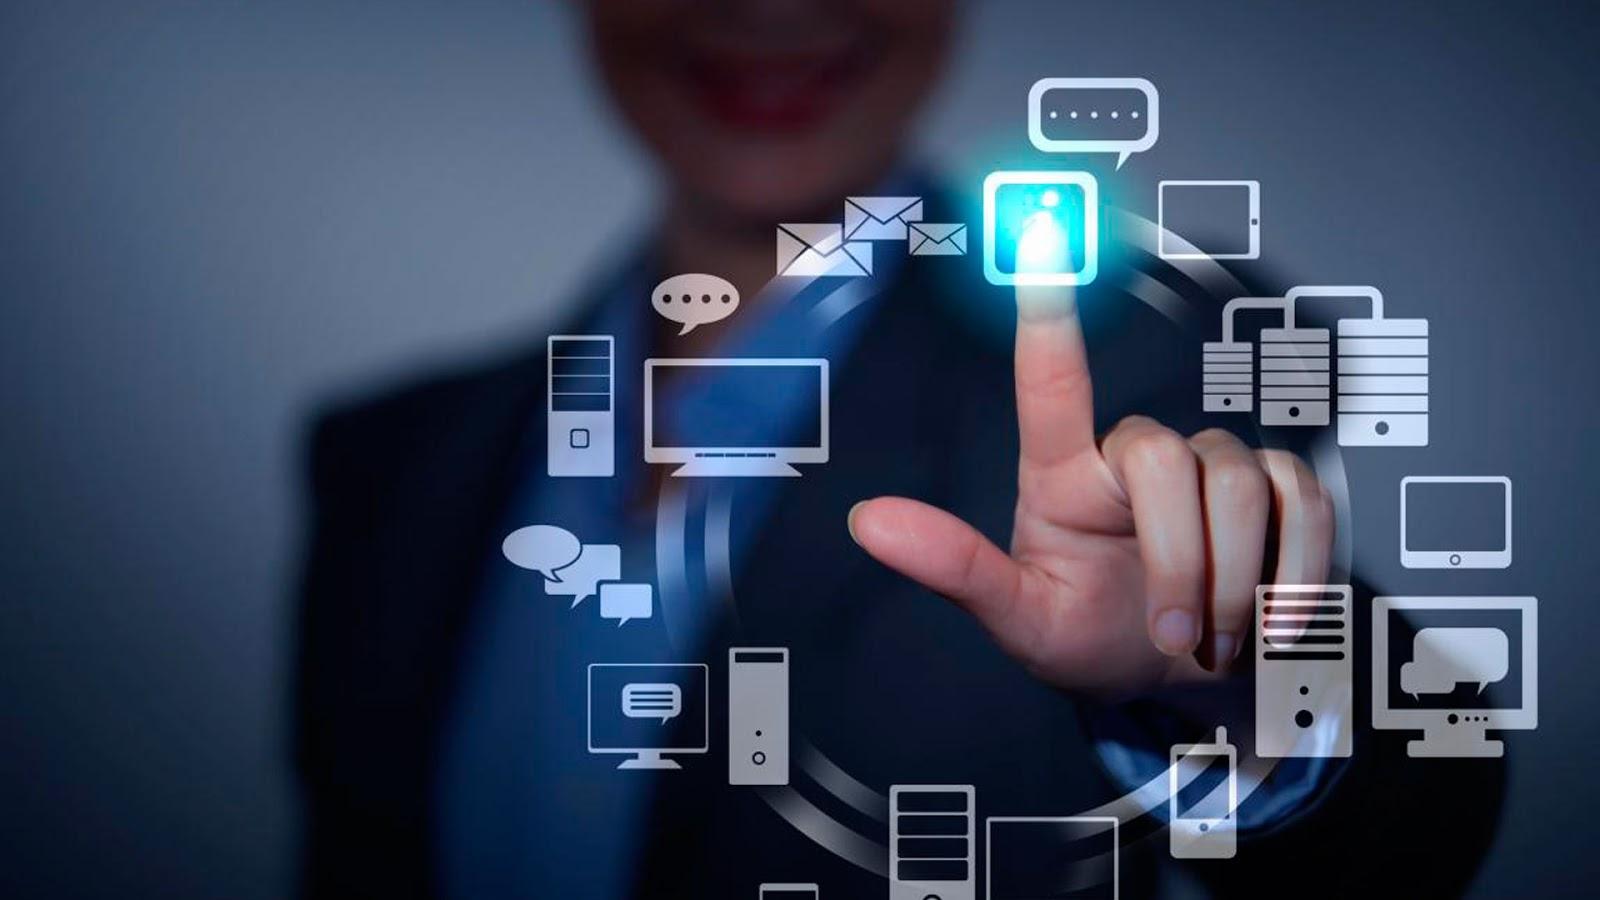 Mengkondisikan Karyawan agar Mudah Adaptasi dalam Perubahan Teknologi - Corporate Training Indonesia